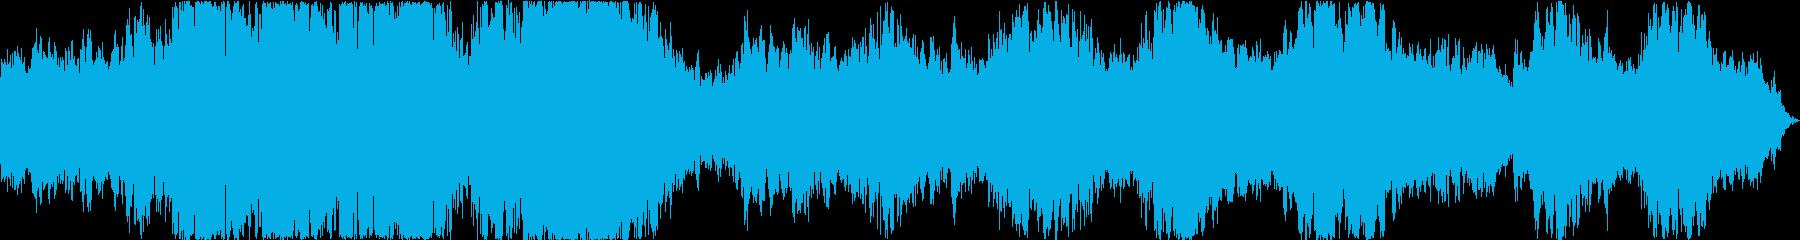 ドローン 冬の嵐01の再生済みの波形